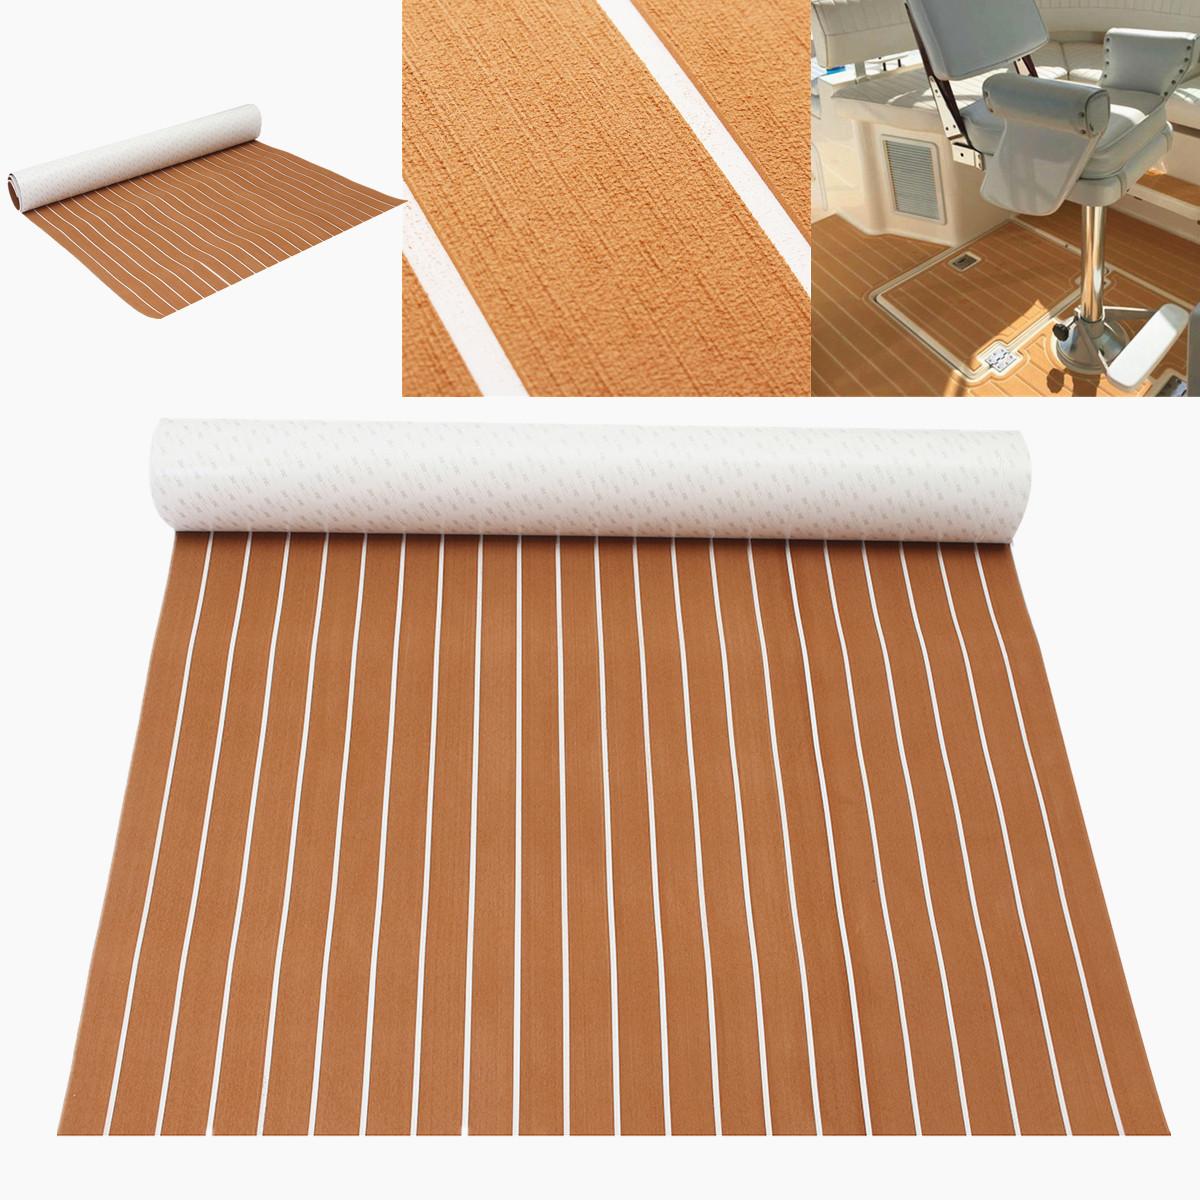 [해외]1200x2400x5mm 자기 접착제 티크 바닥재 EVA 폼 티크 시트 티크 보트 갑판 해양 자동차 요트 바닥 매트 합성 티크 패드/1200x2400x5mm Self Adhesive Teak Flooring EVA Foam Teak Sheet Teak Boat